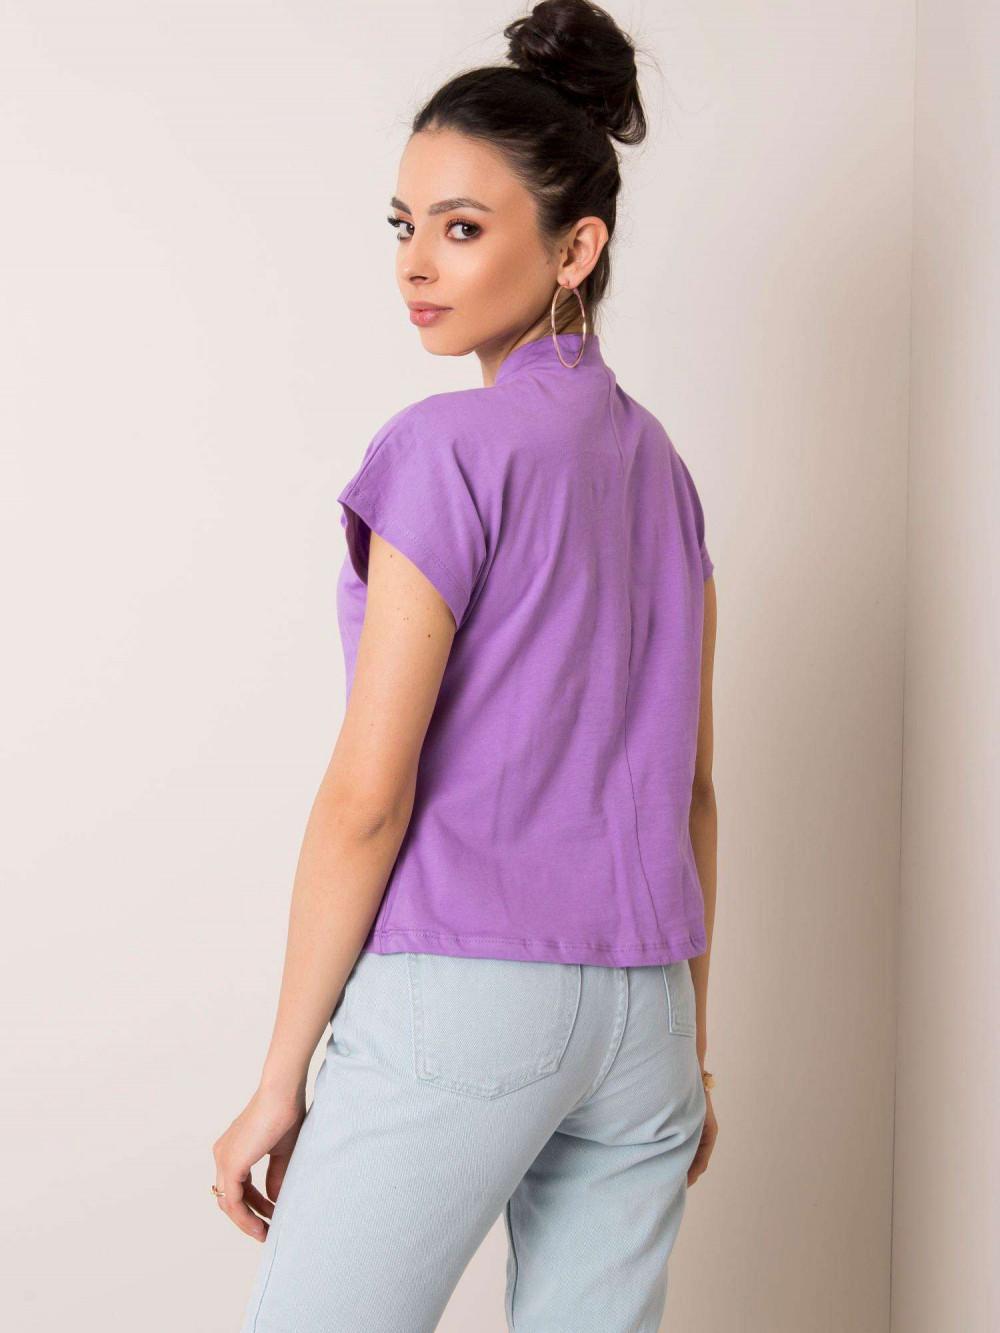 Fioletowy t-shirt z luźnymi rękawami Dose 2